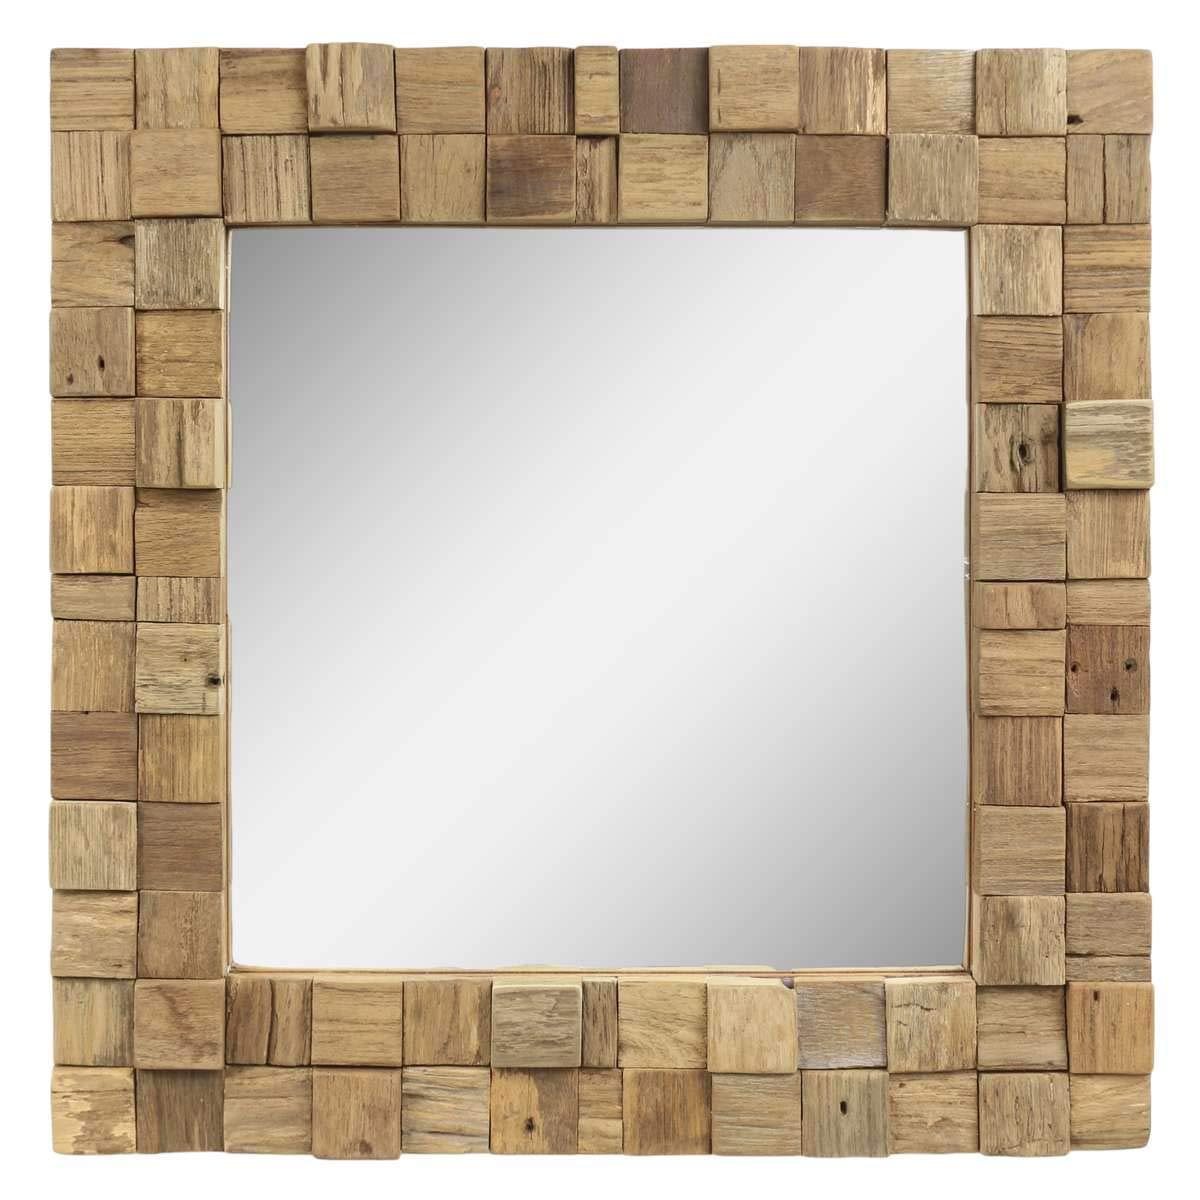 Oriental Galerie Dekorativer Spiegel mit Holzrahmen Mosaik Quadratisch Wandspiegel aus Thailand Massiv Würfel Holz-Spiegel ca. 50 x 50 cm Nr. 19